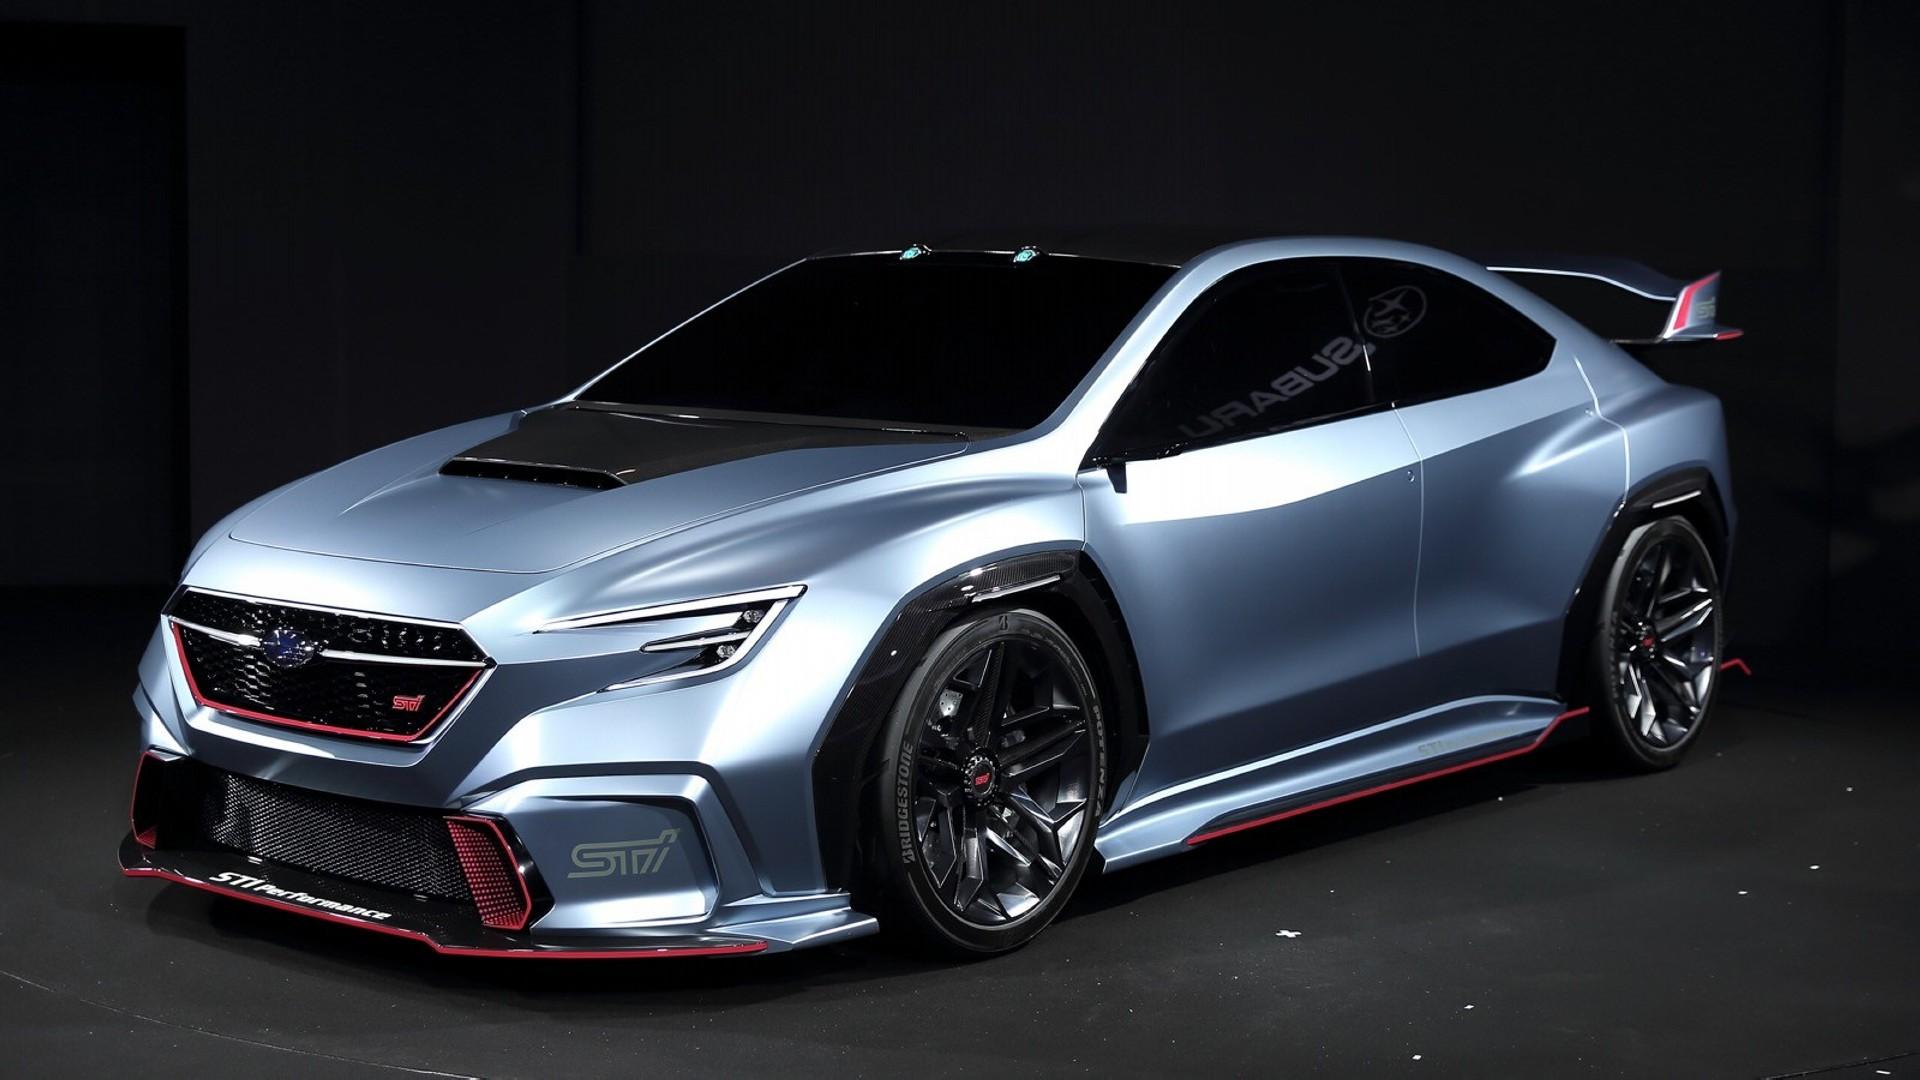 El nuevo Subaru STI podría llegar el año que viene